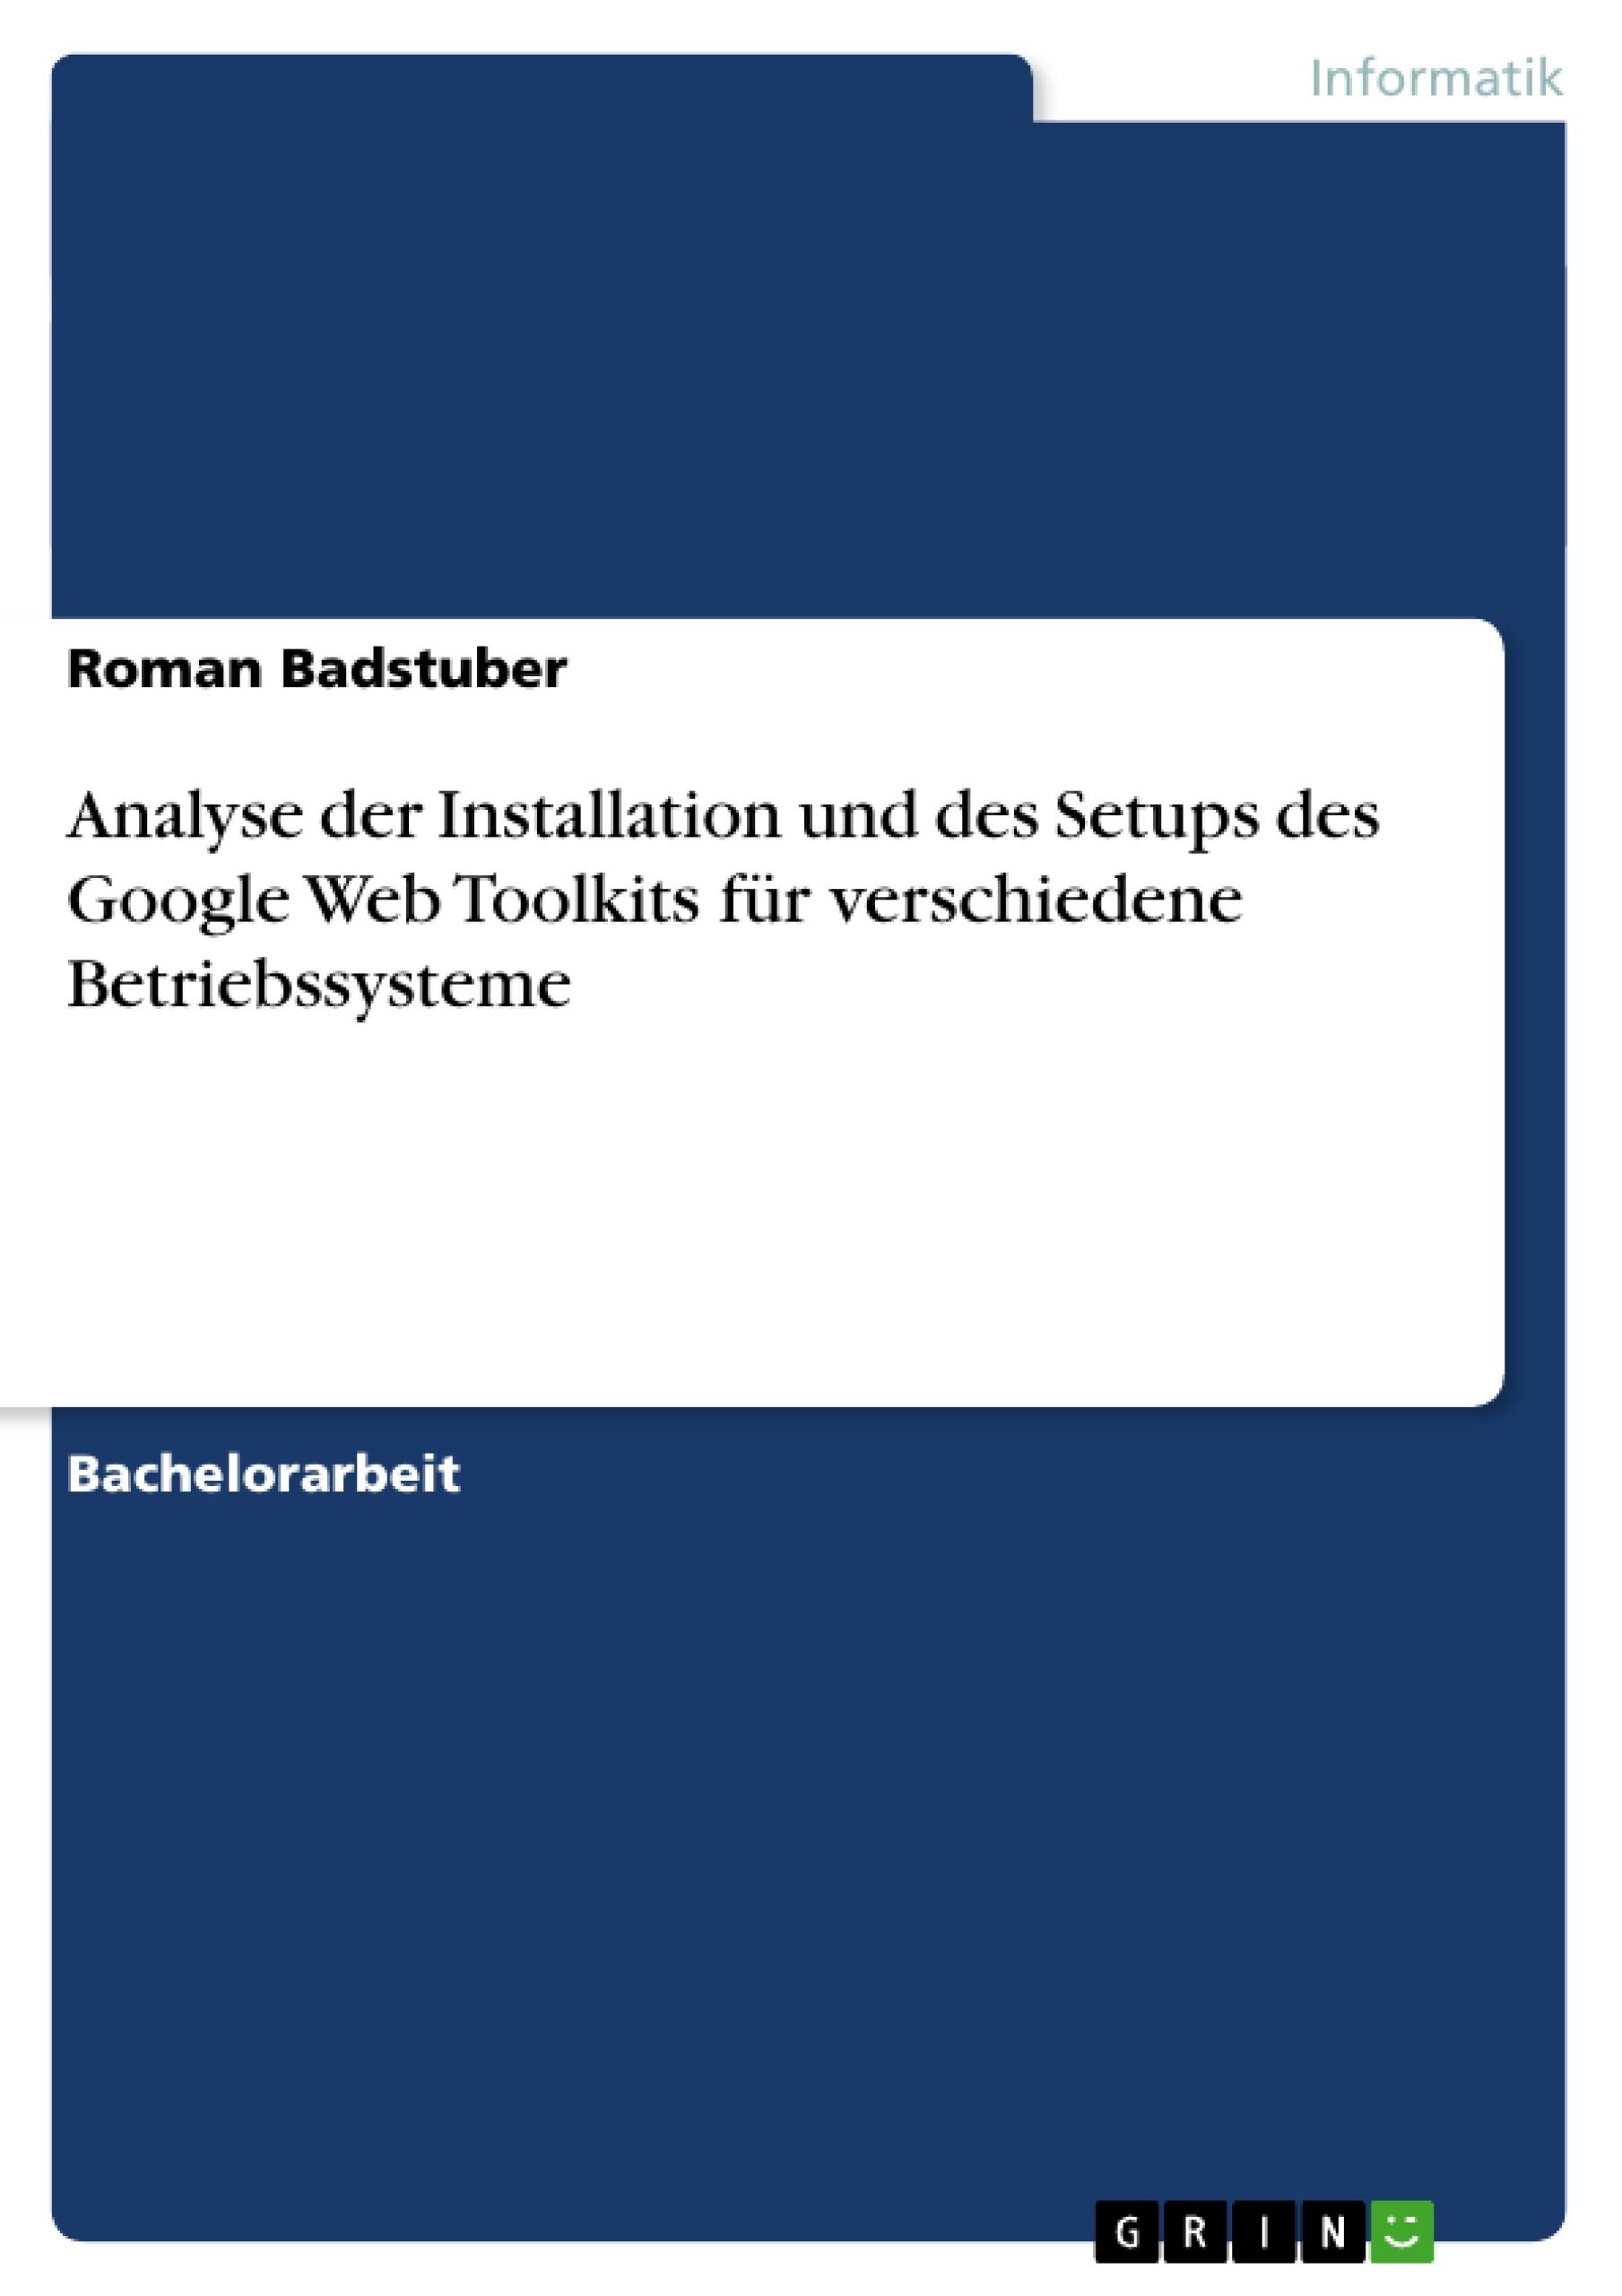 Titel: Analyse der Installation und des Setups des Google Web Toolkits für verschiedene Betriebssysteme